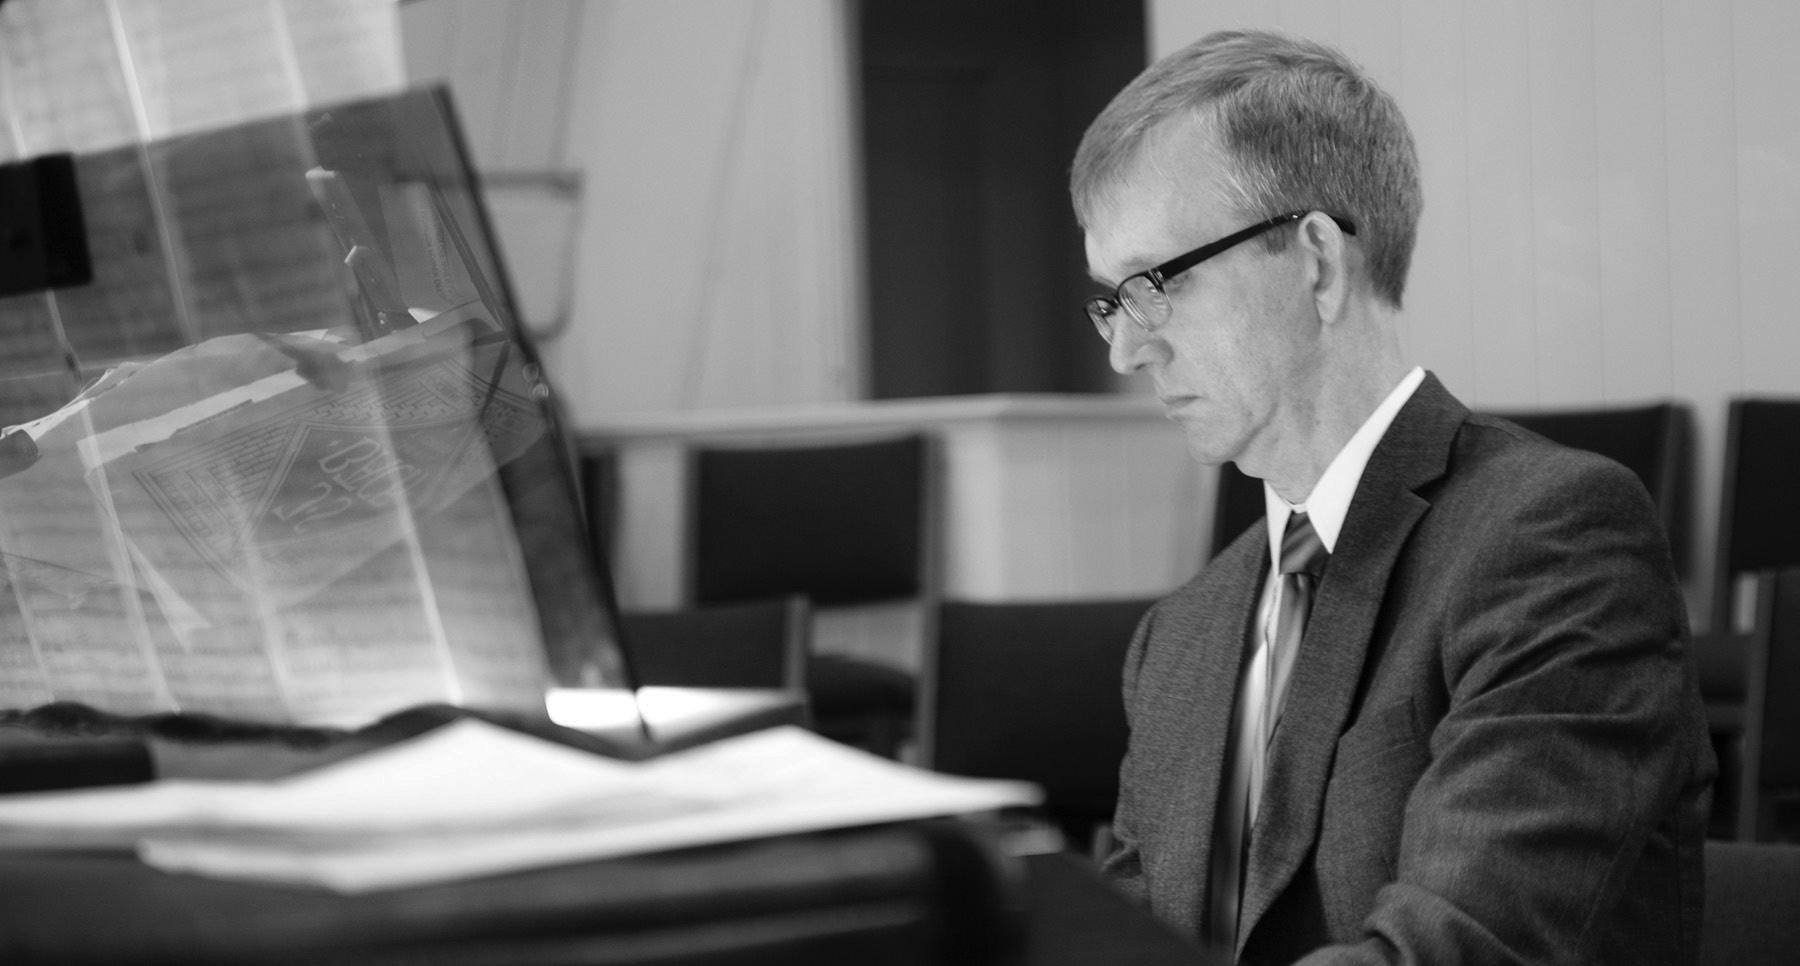 Dr. Michael D. Munson